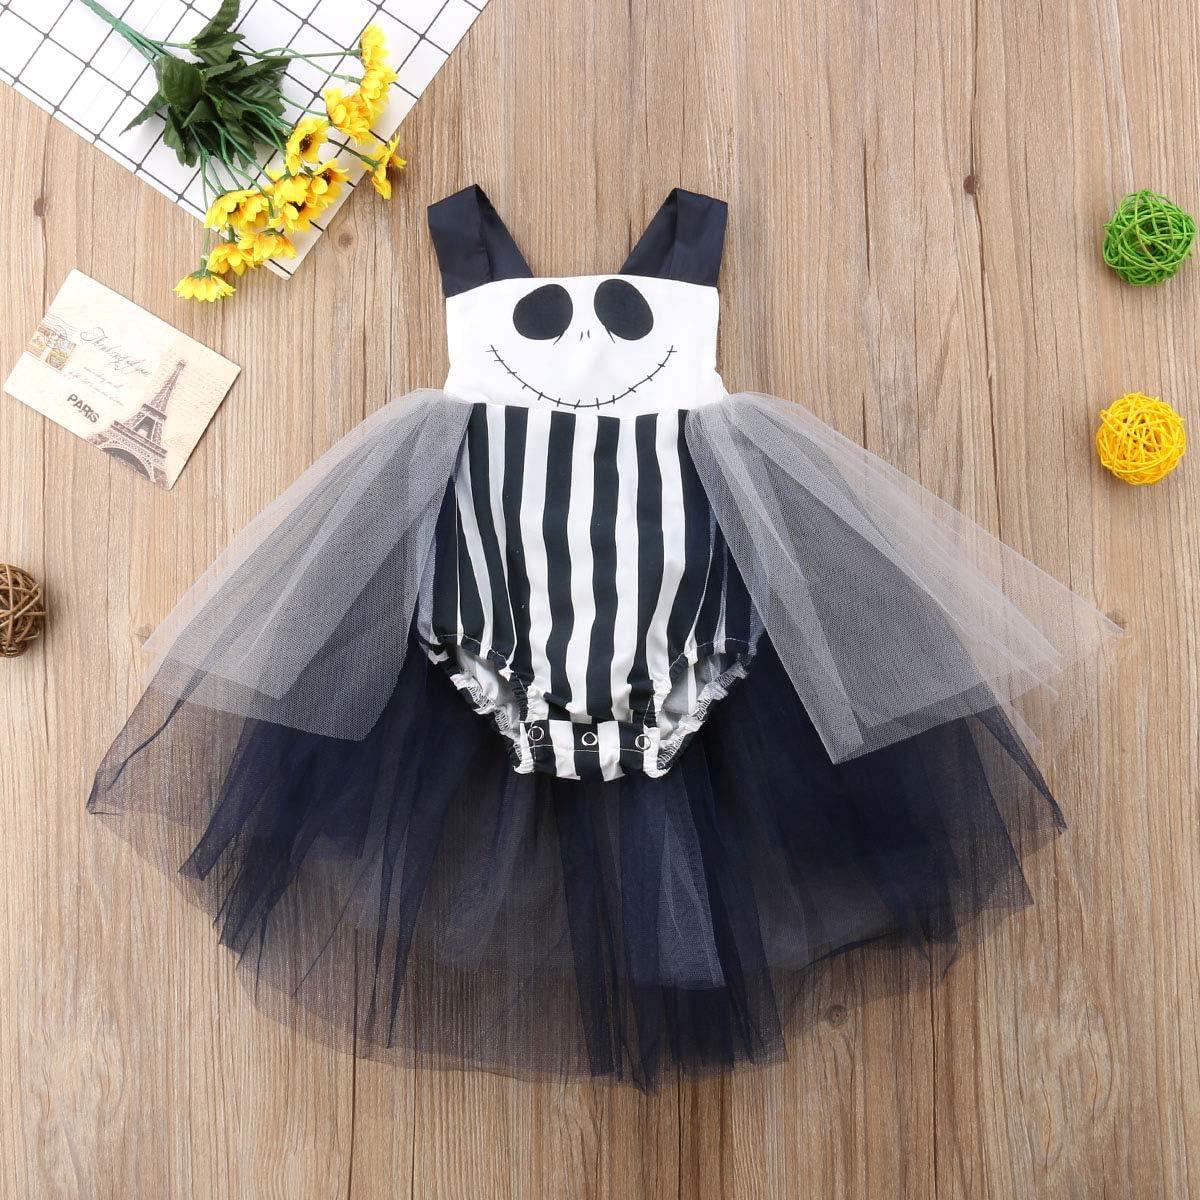 Toddler Kids Baby Girls Halloween Dress Pumpkin Tutu Dress Ghost Skirts Halloween Outfits